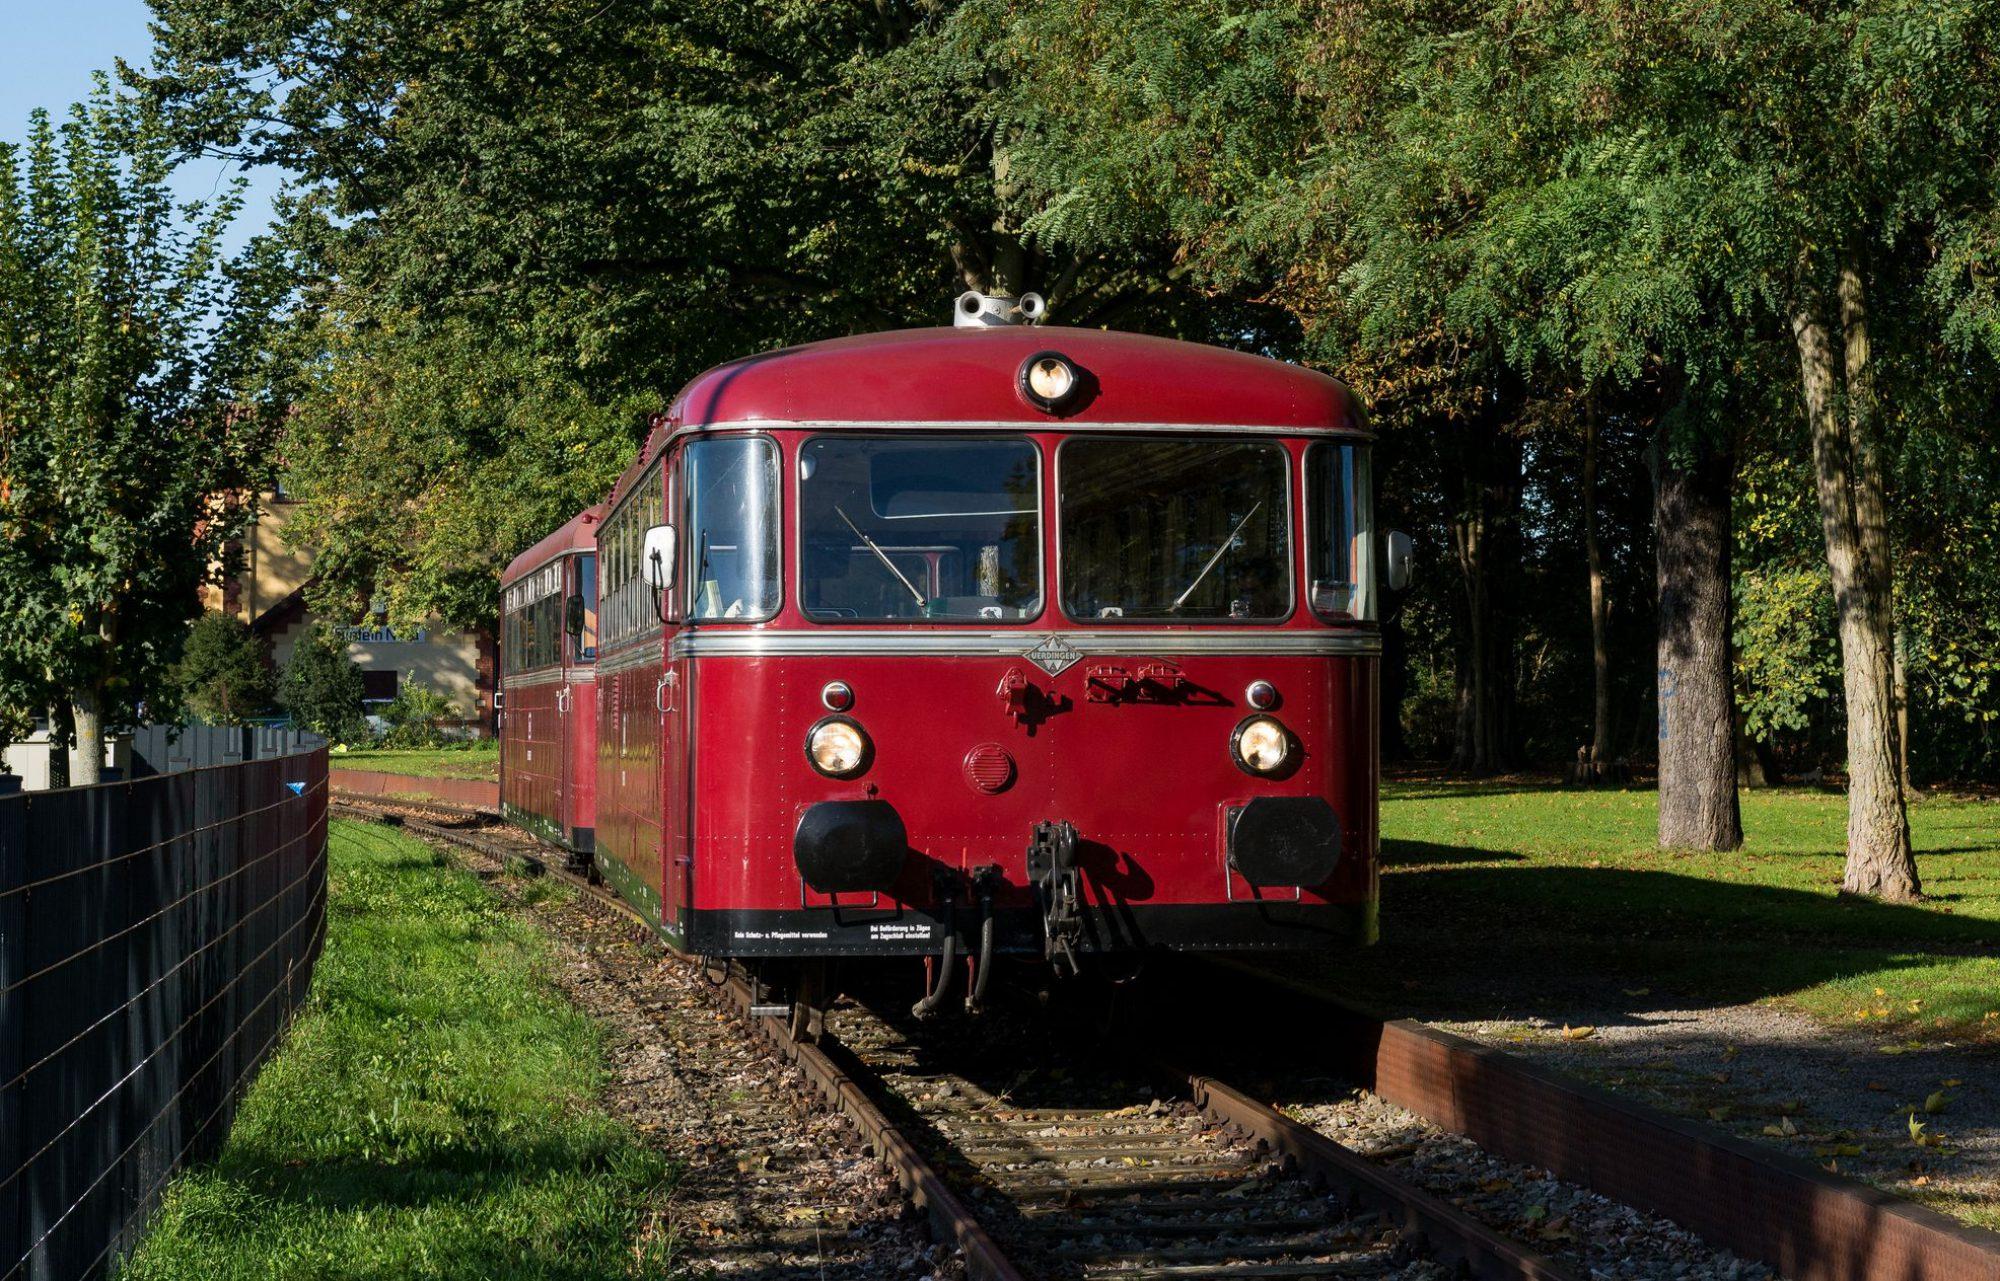 Förderverein Eisenbahn Rinteln - Stadthagen e. V.